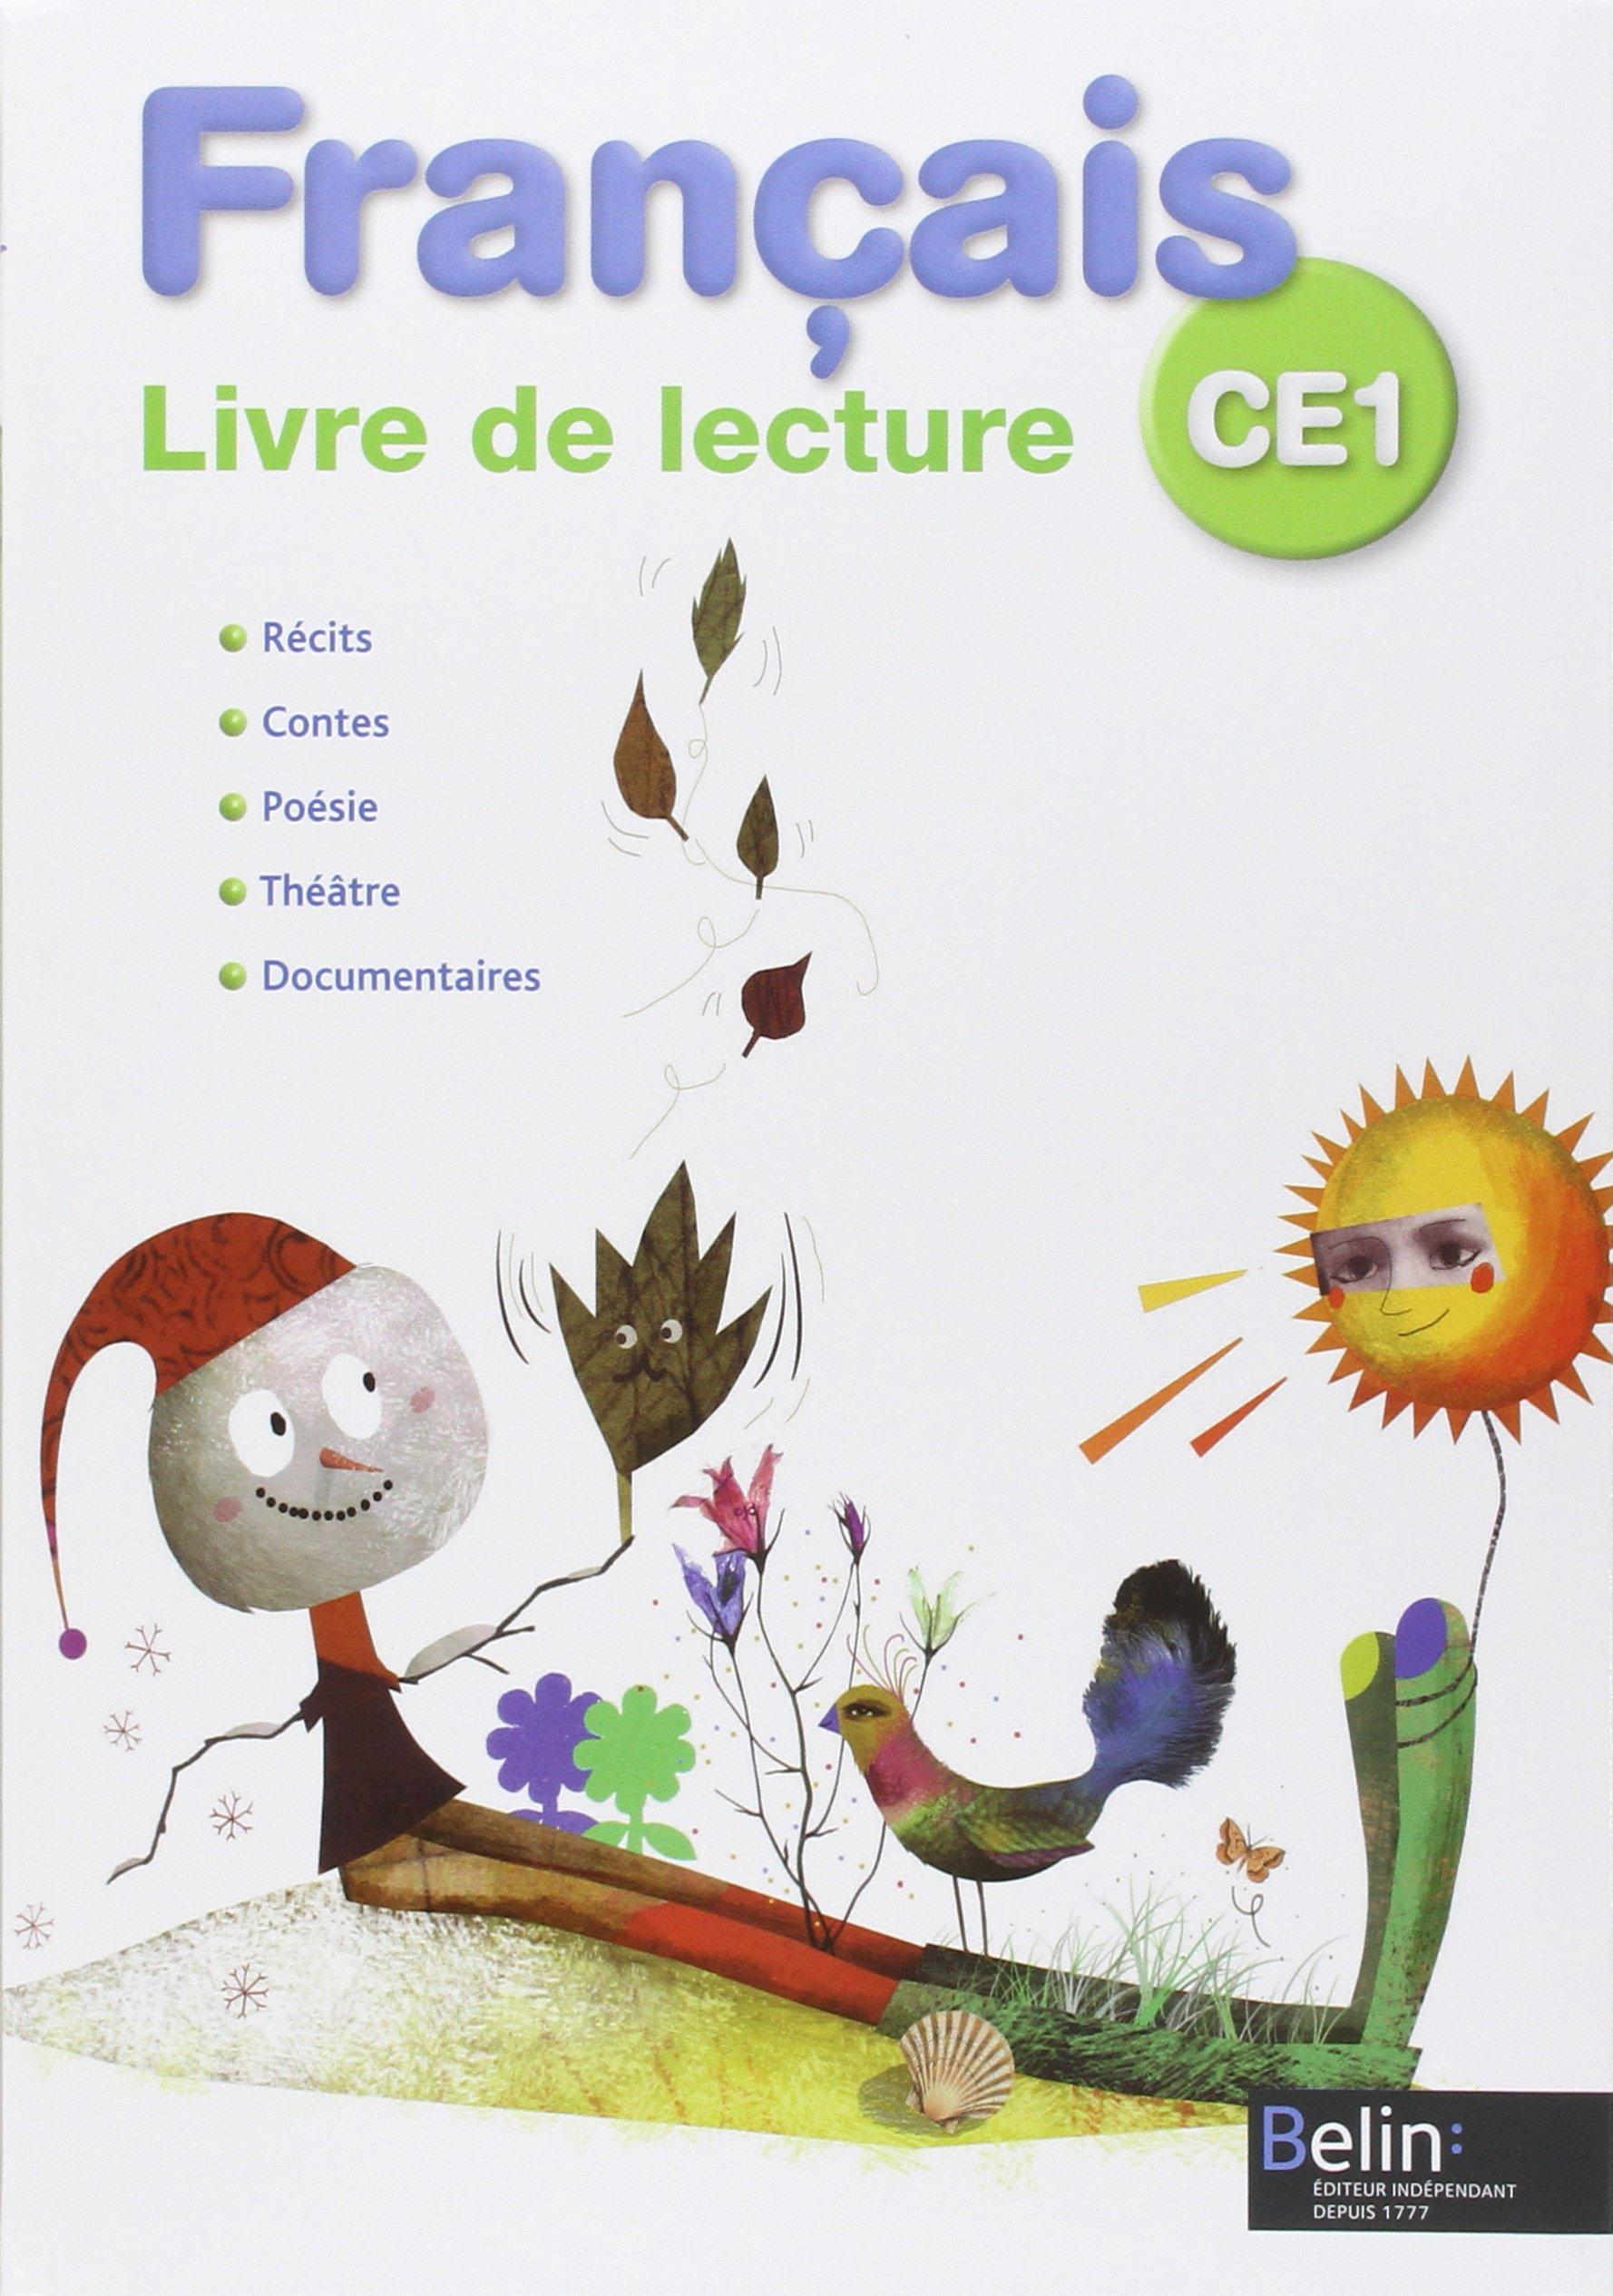 Francais Ce1 Livre De Lecture Michelle Sommer Jean